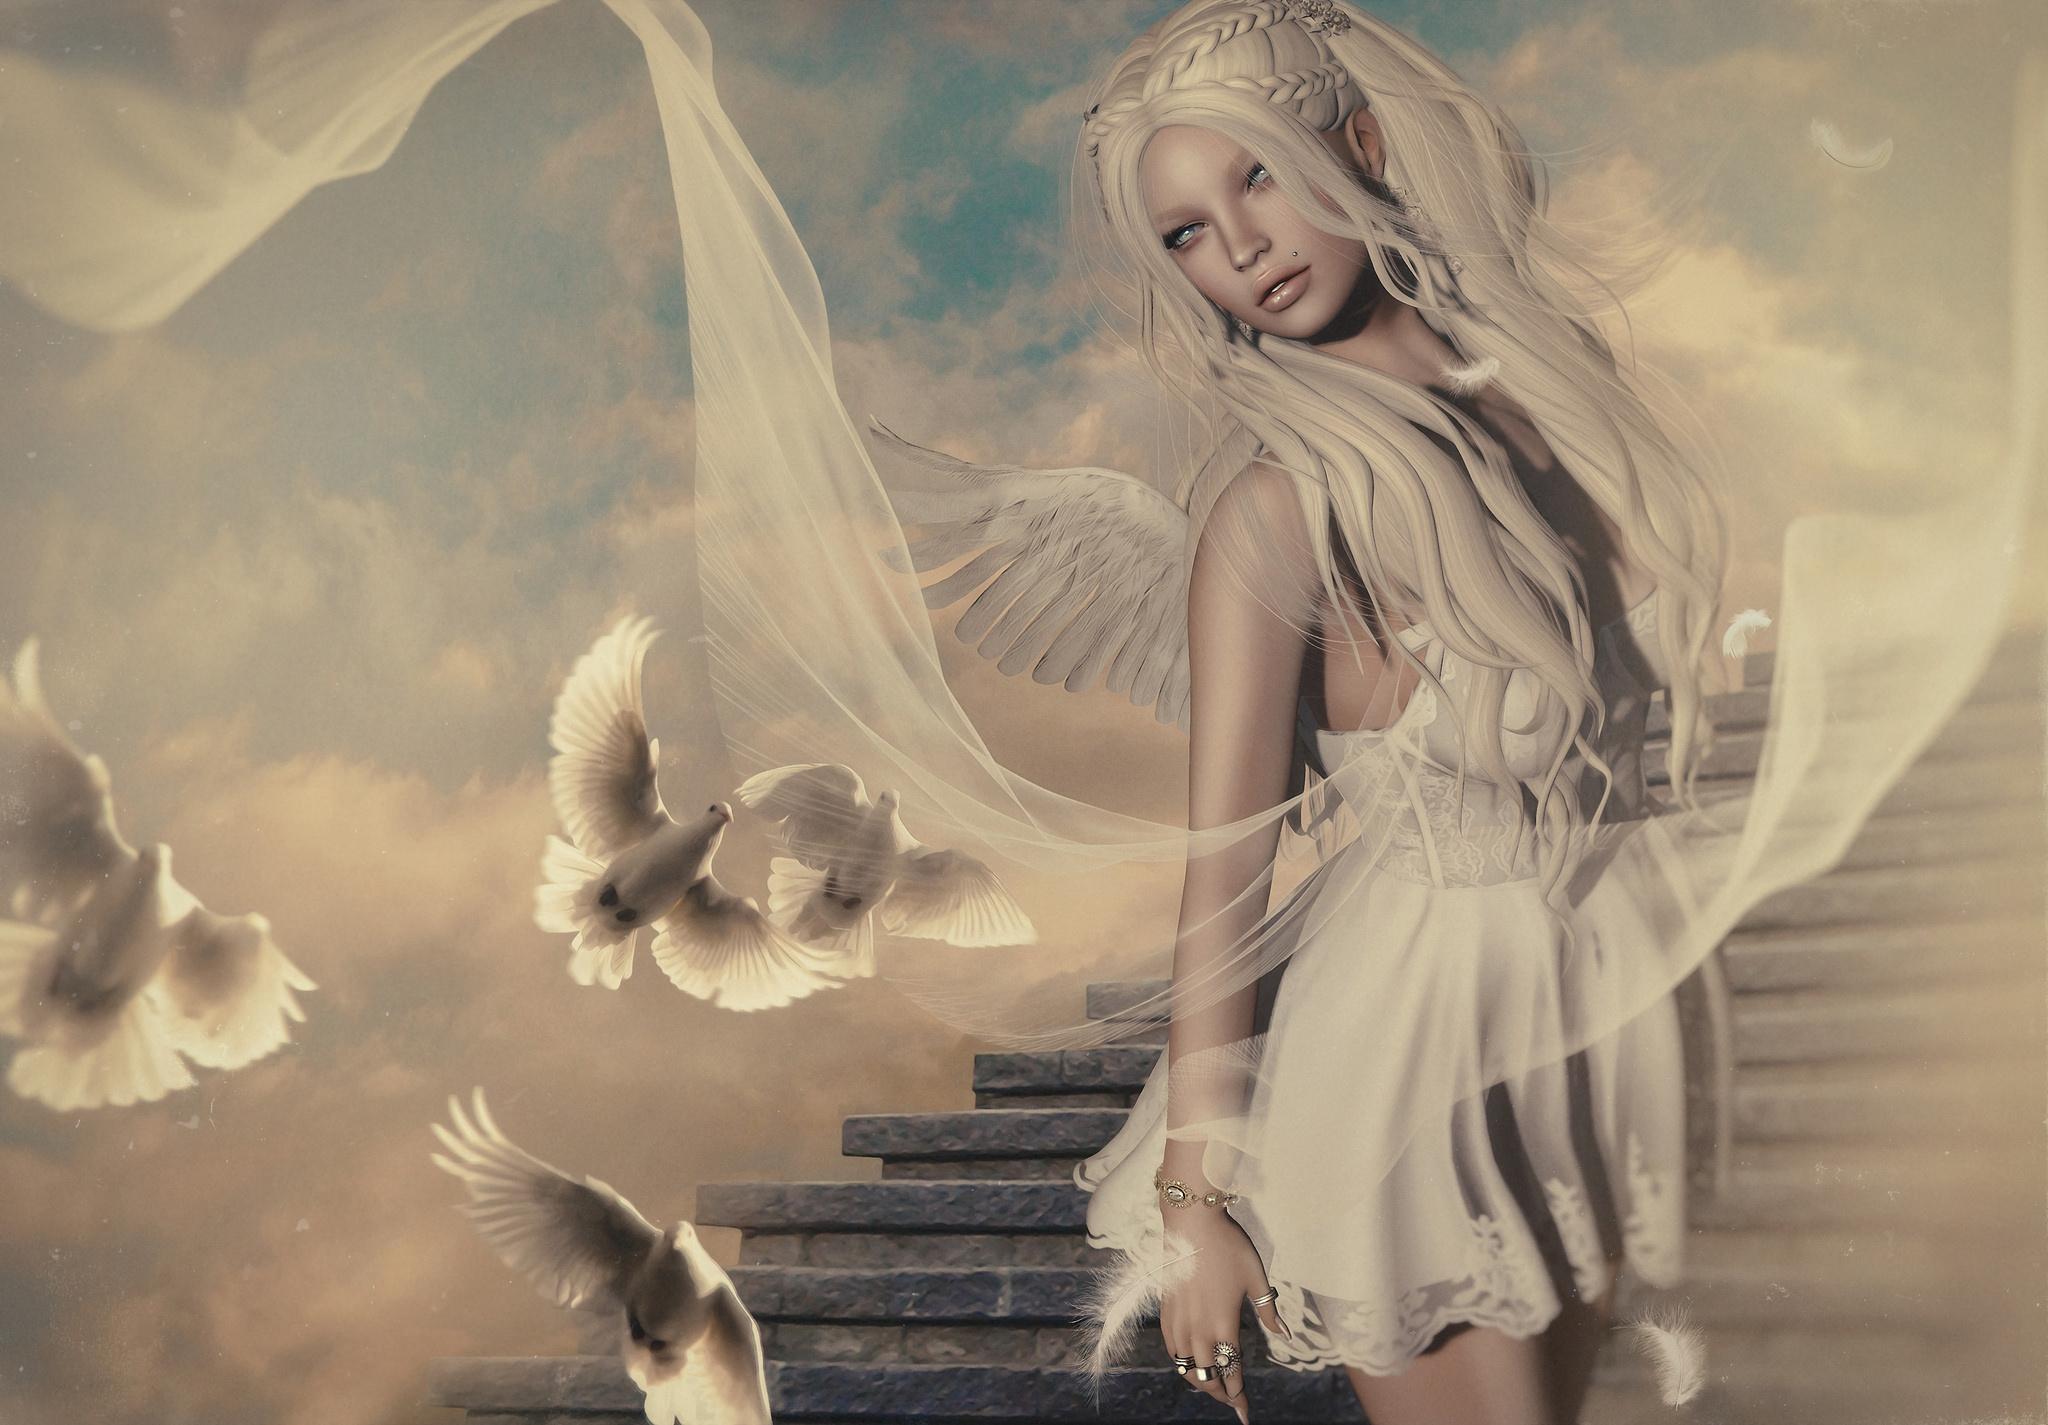 далеко красивые ангелочки картинки на аватарку казбековна грамотный